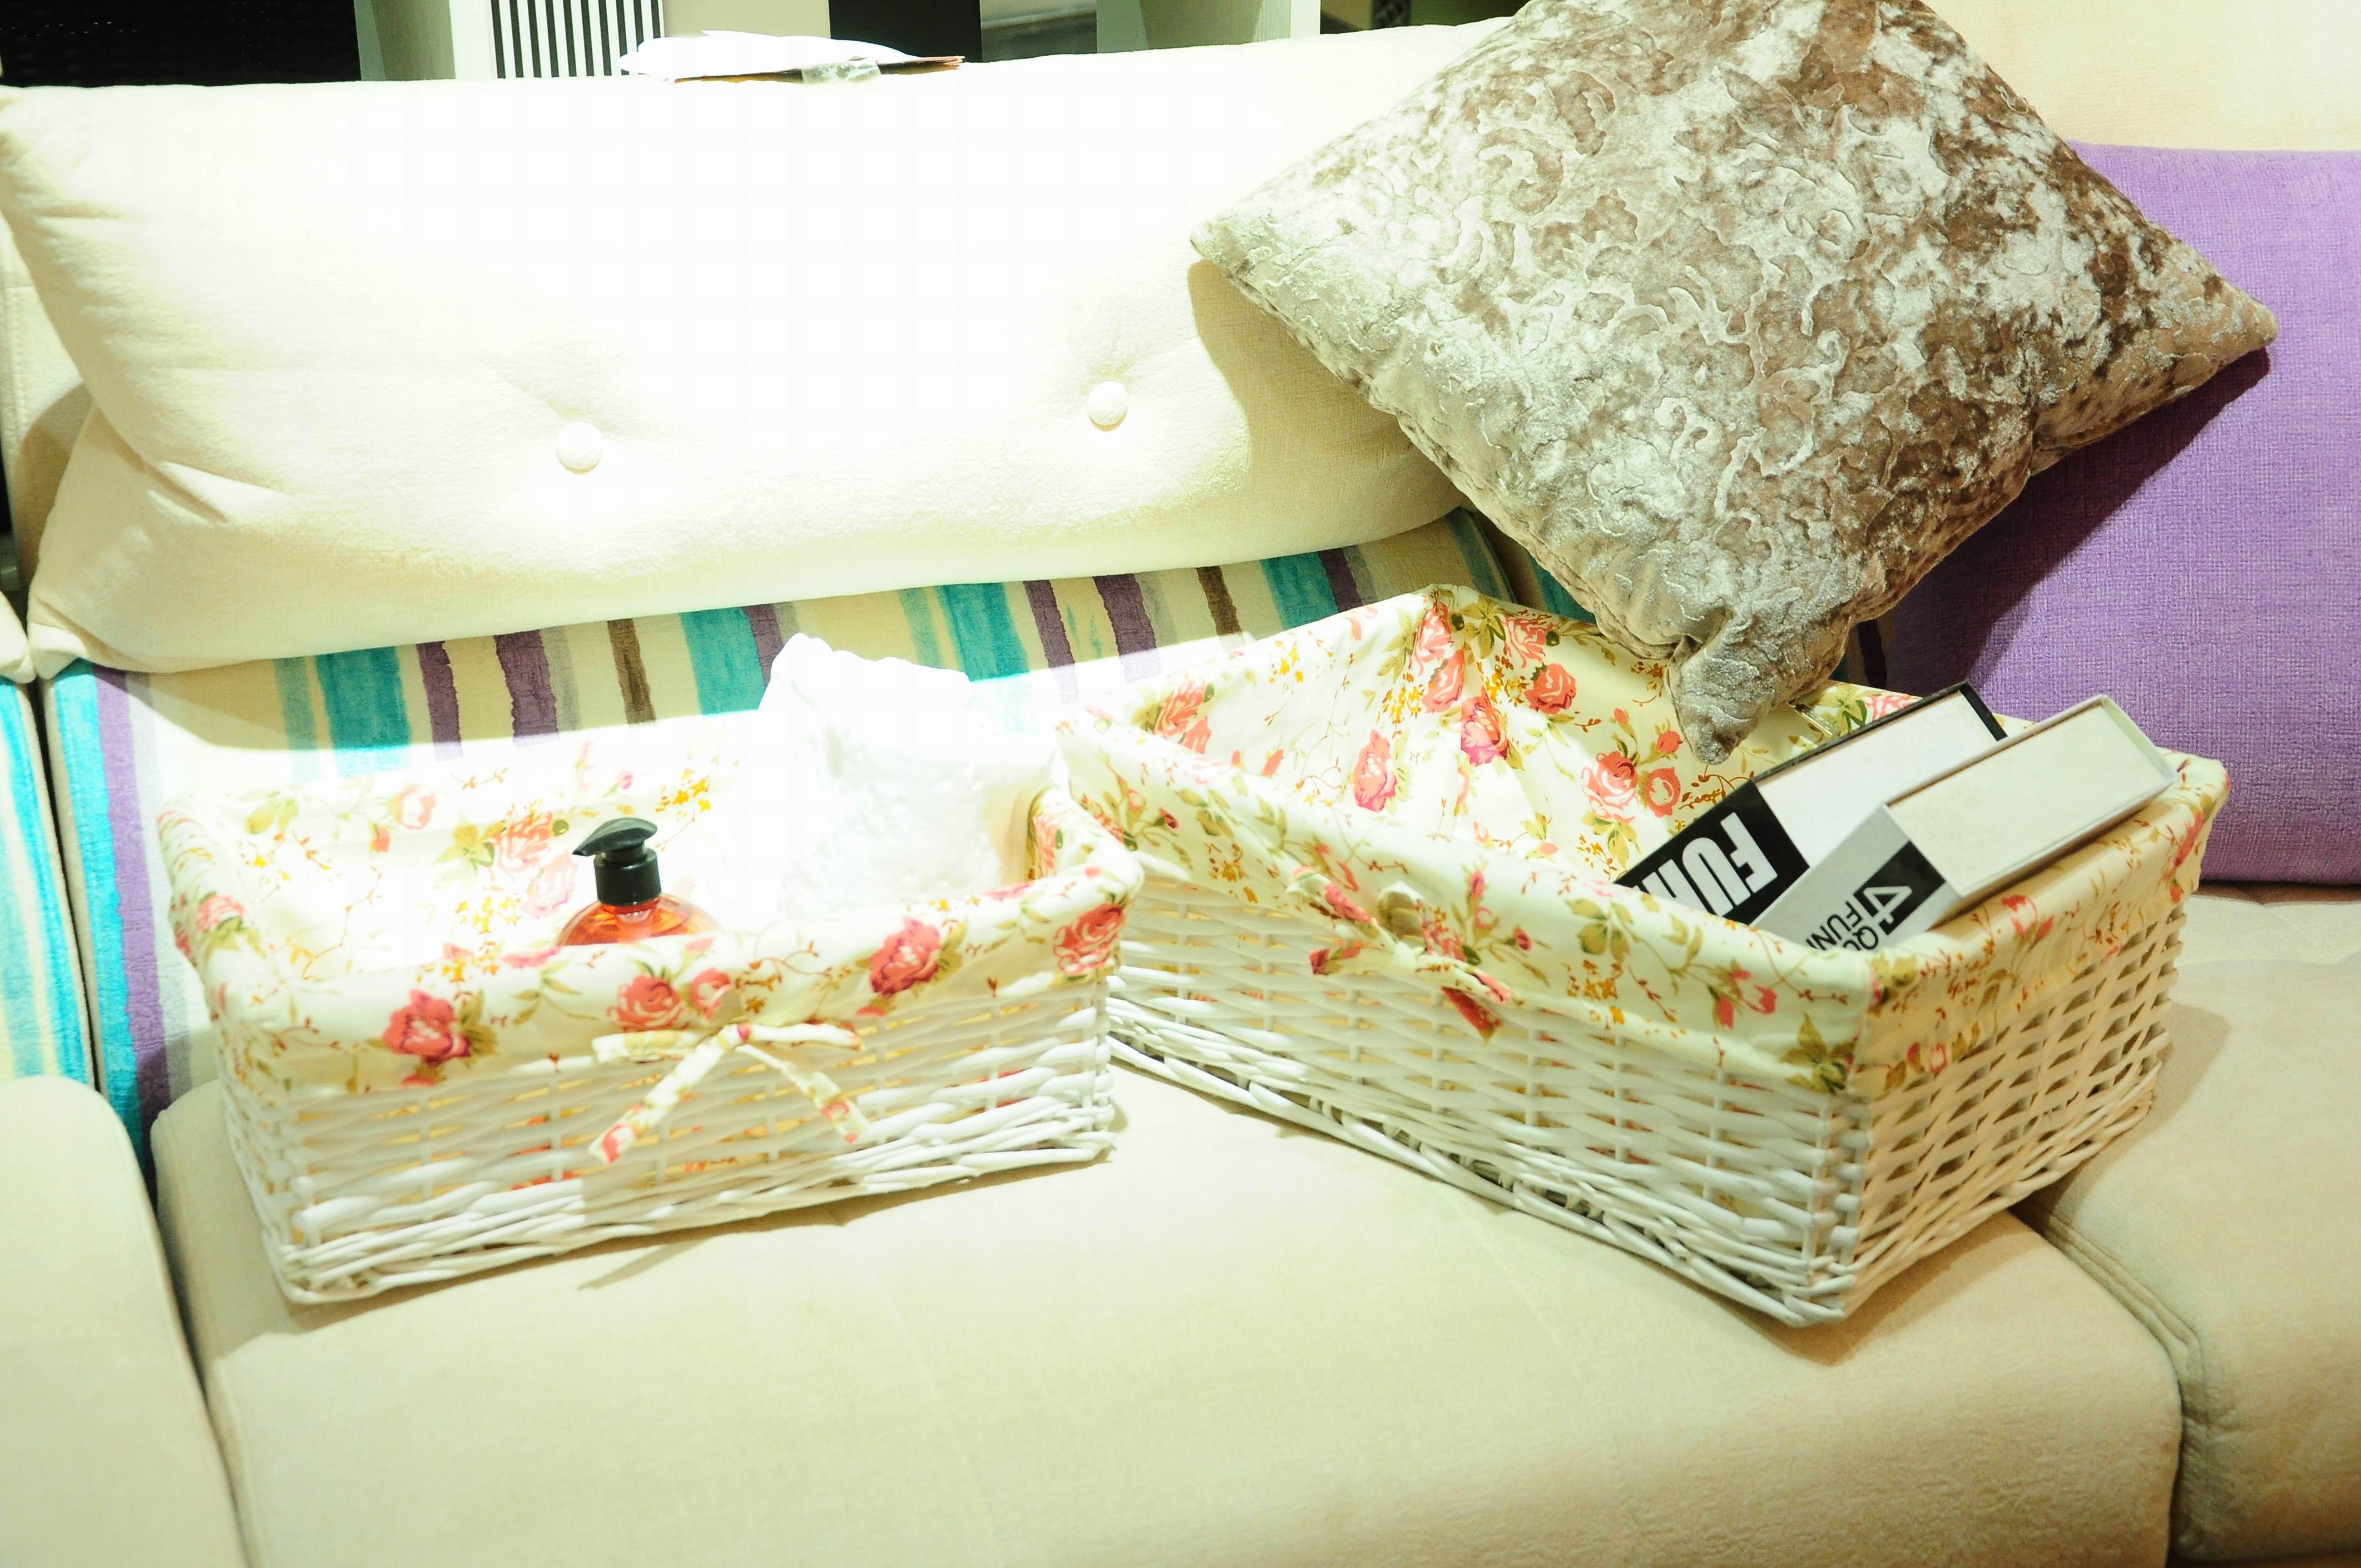 Оптовая продажа, декоративная плетеная корзина для детей из натурального ремесла, подарочная корзина